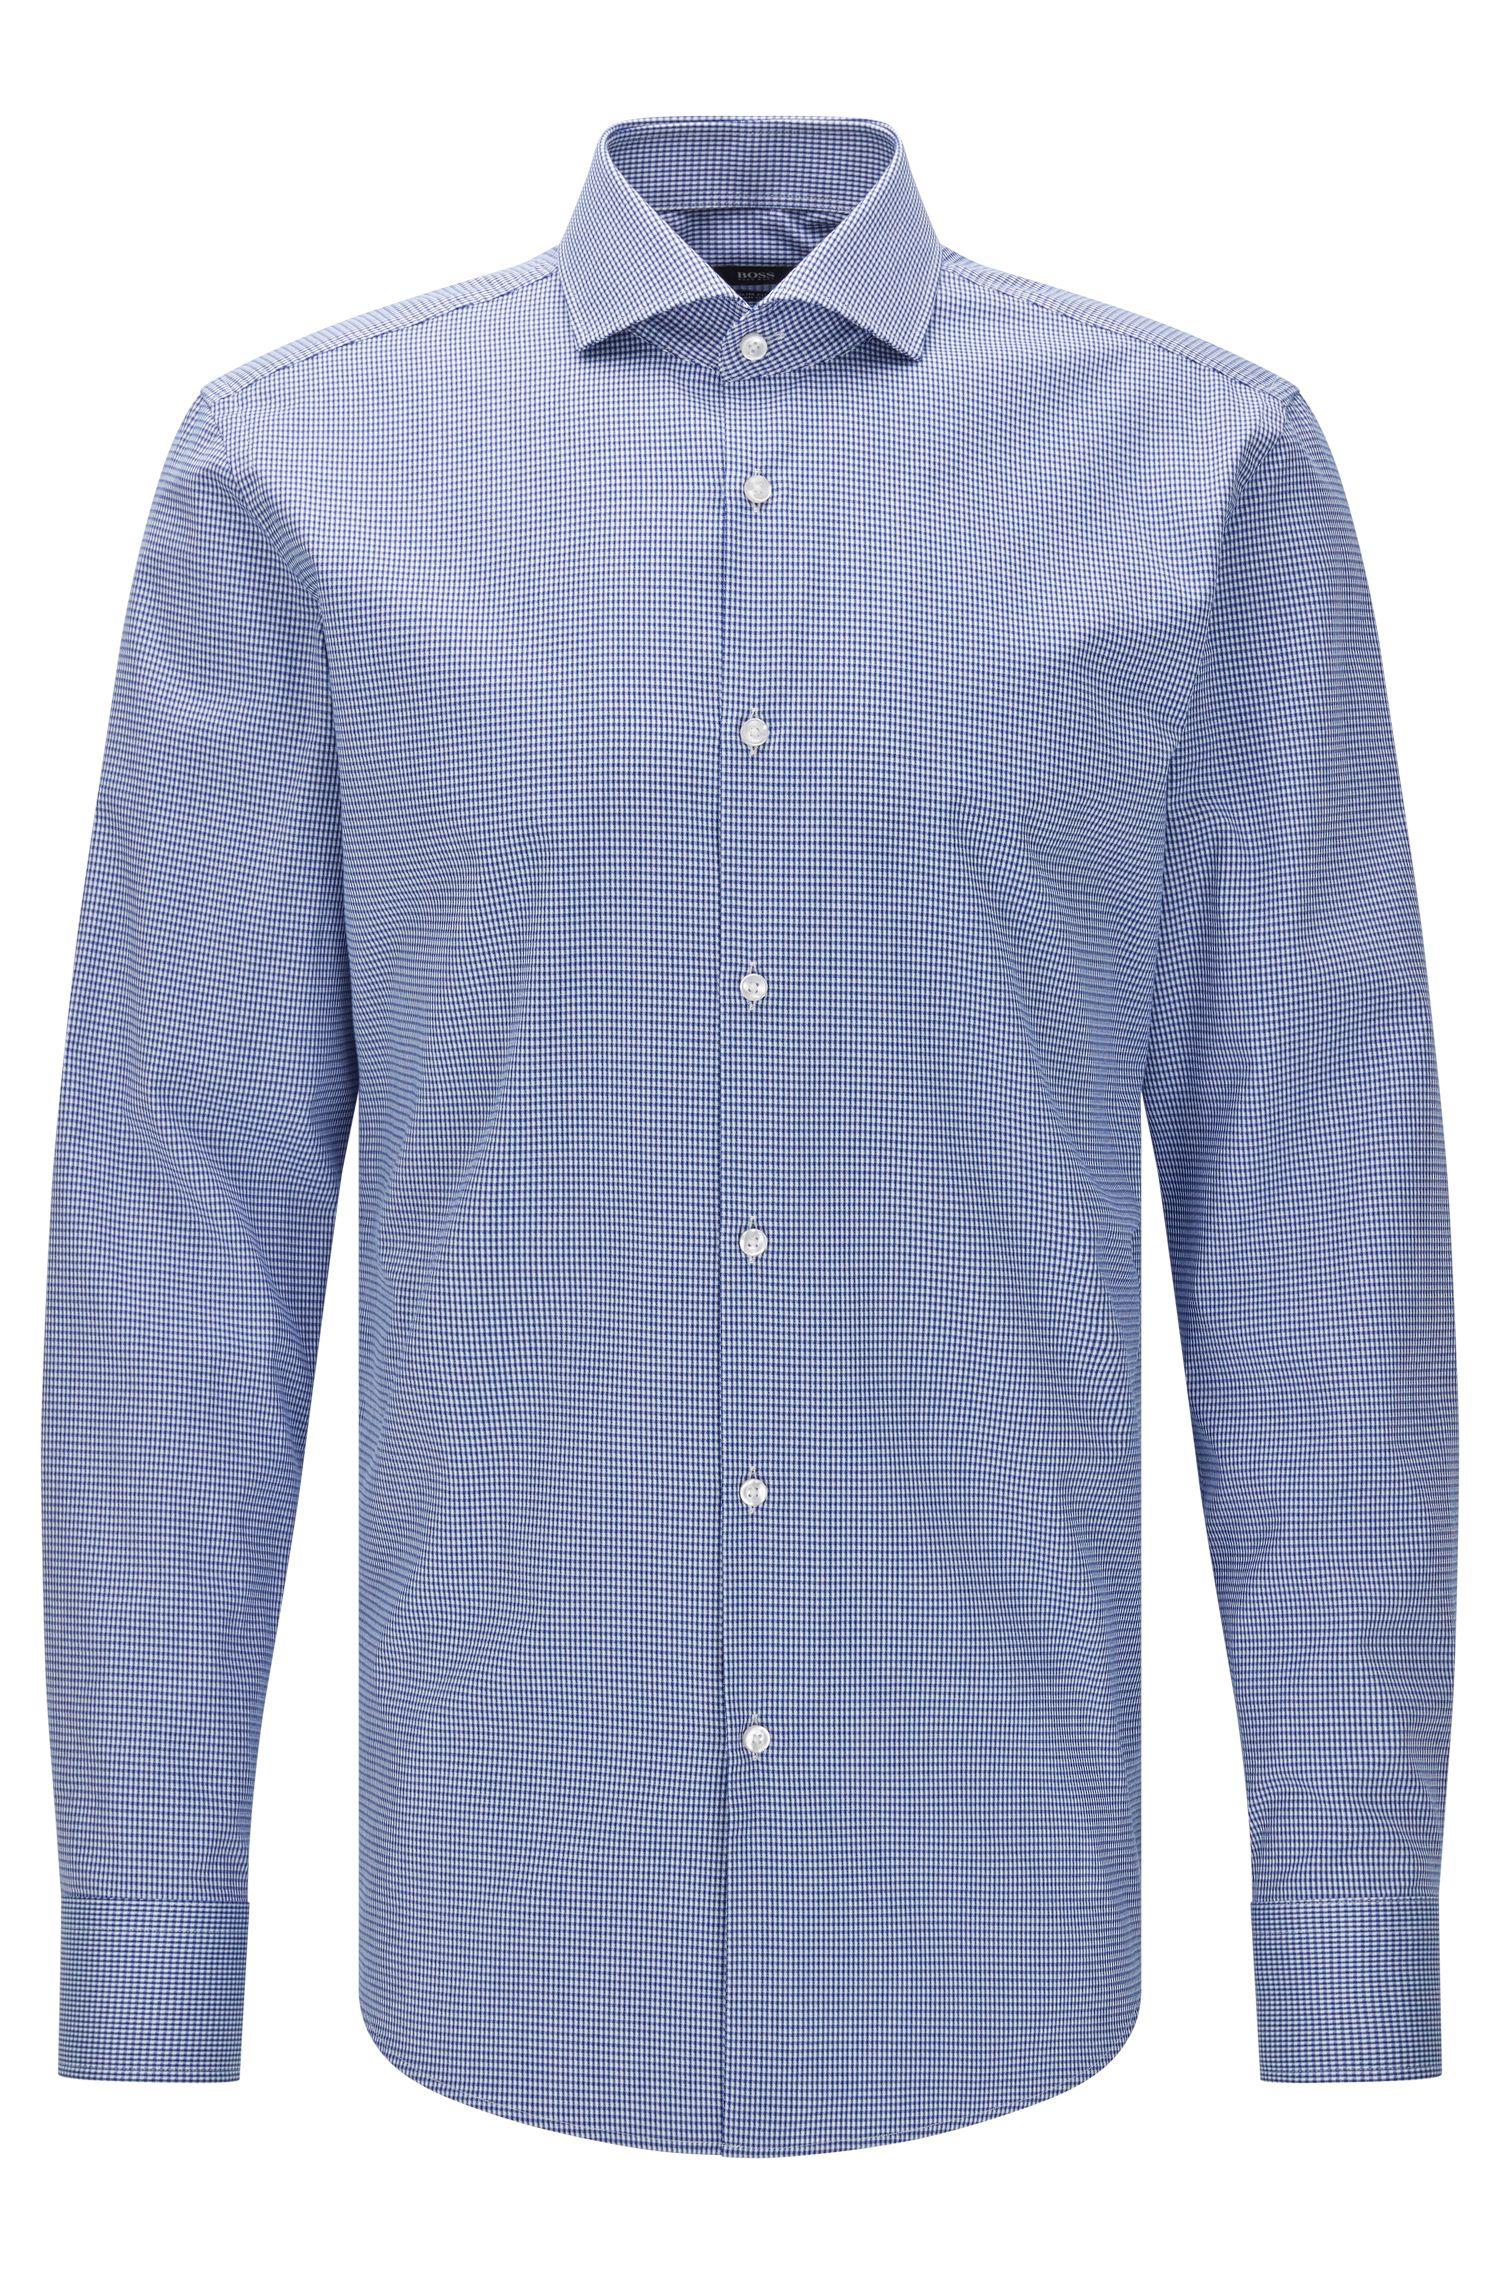 Gemustertes Slim-Fit Hemd aus ägyptischer Baumwolle: 'Jason'